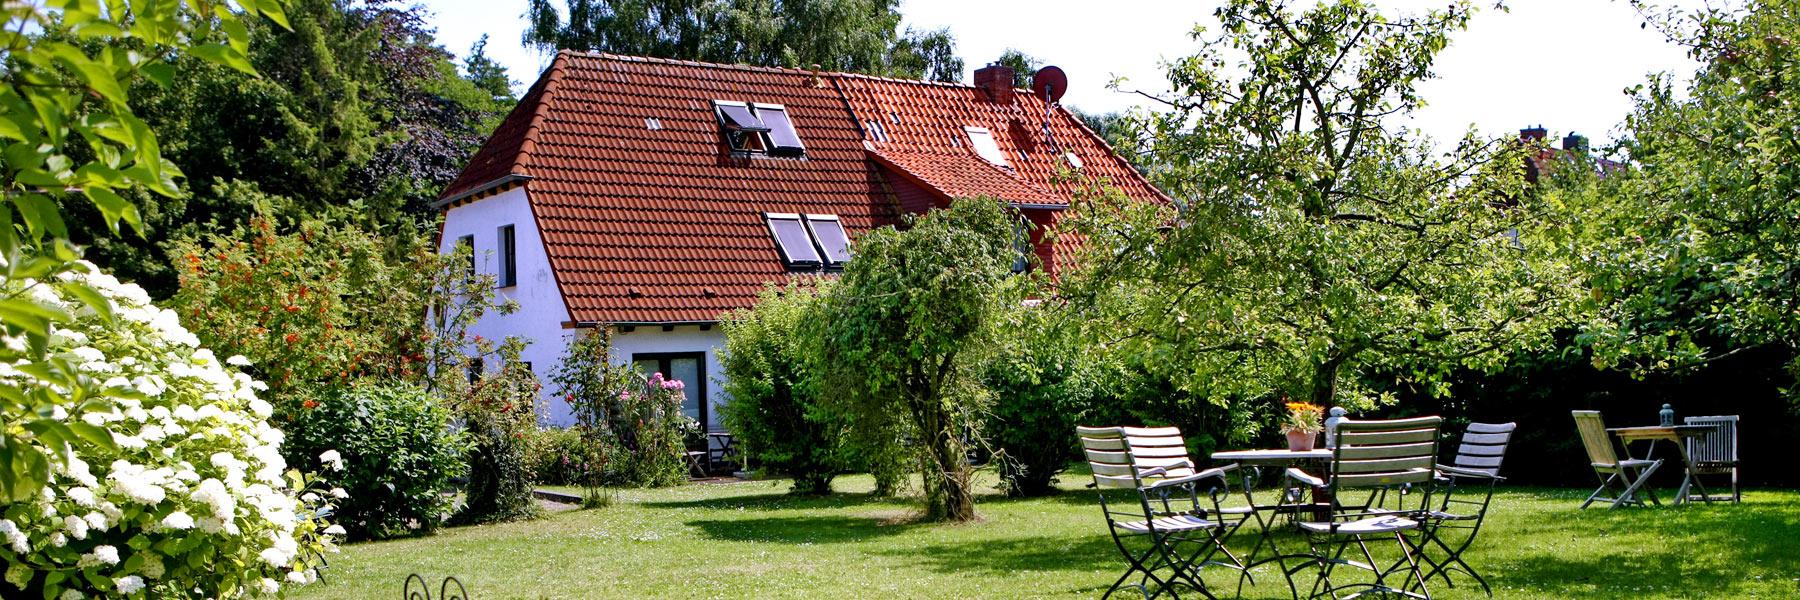 Garten - Gästehaus Karstadt